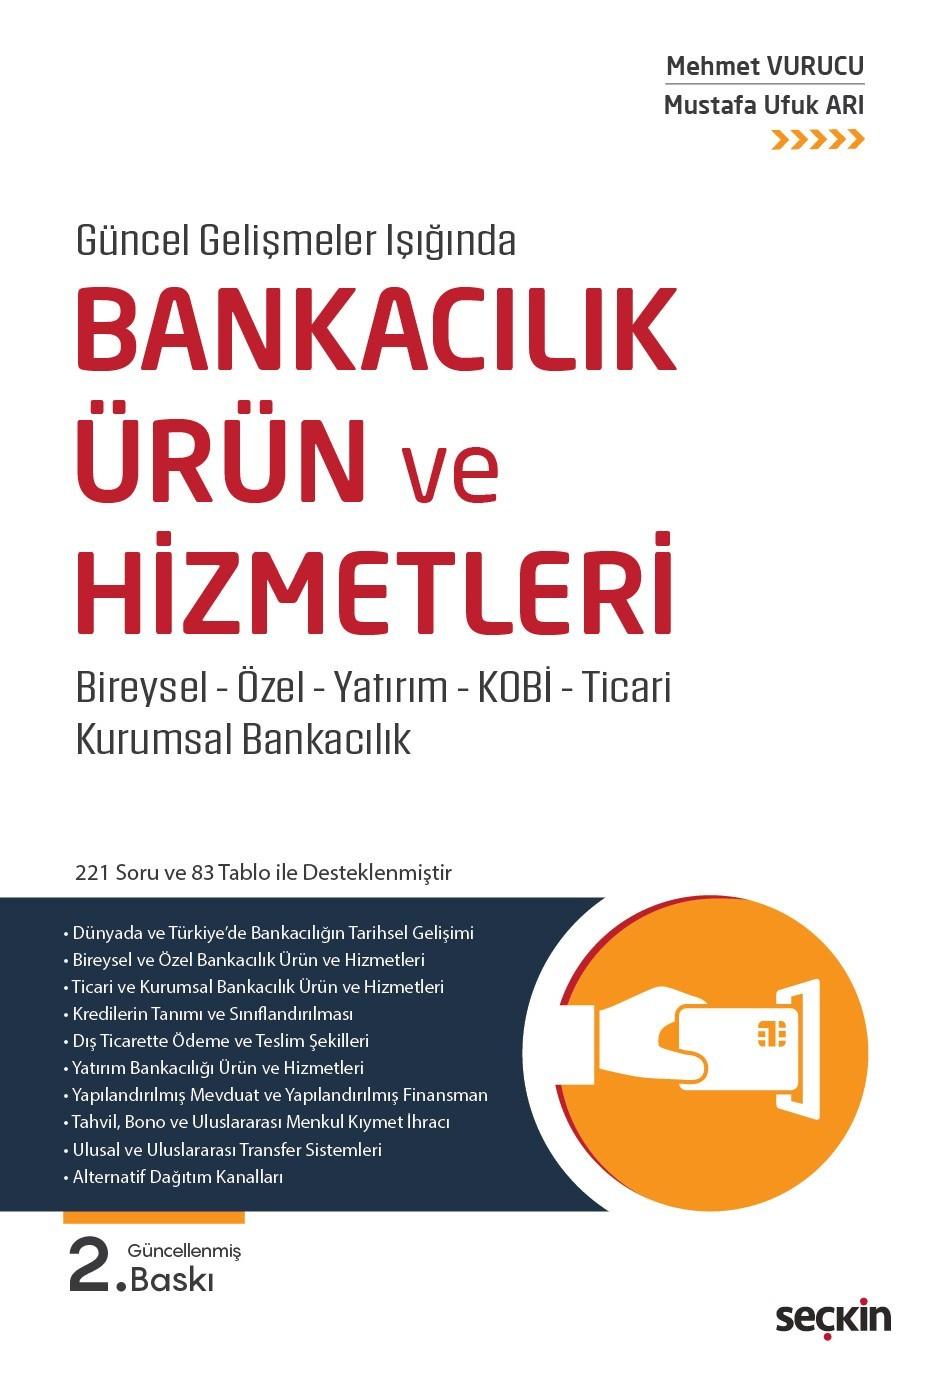 BANKACILIK ÜRÜN ve HİZMETLERİ ( 2. Baskı )